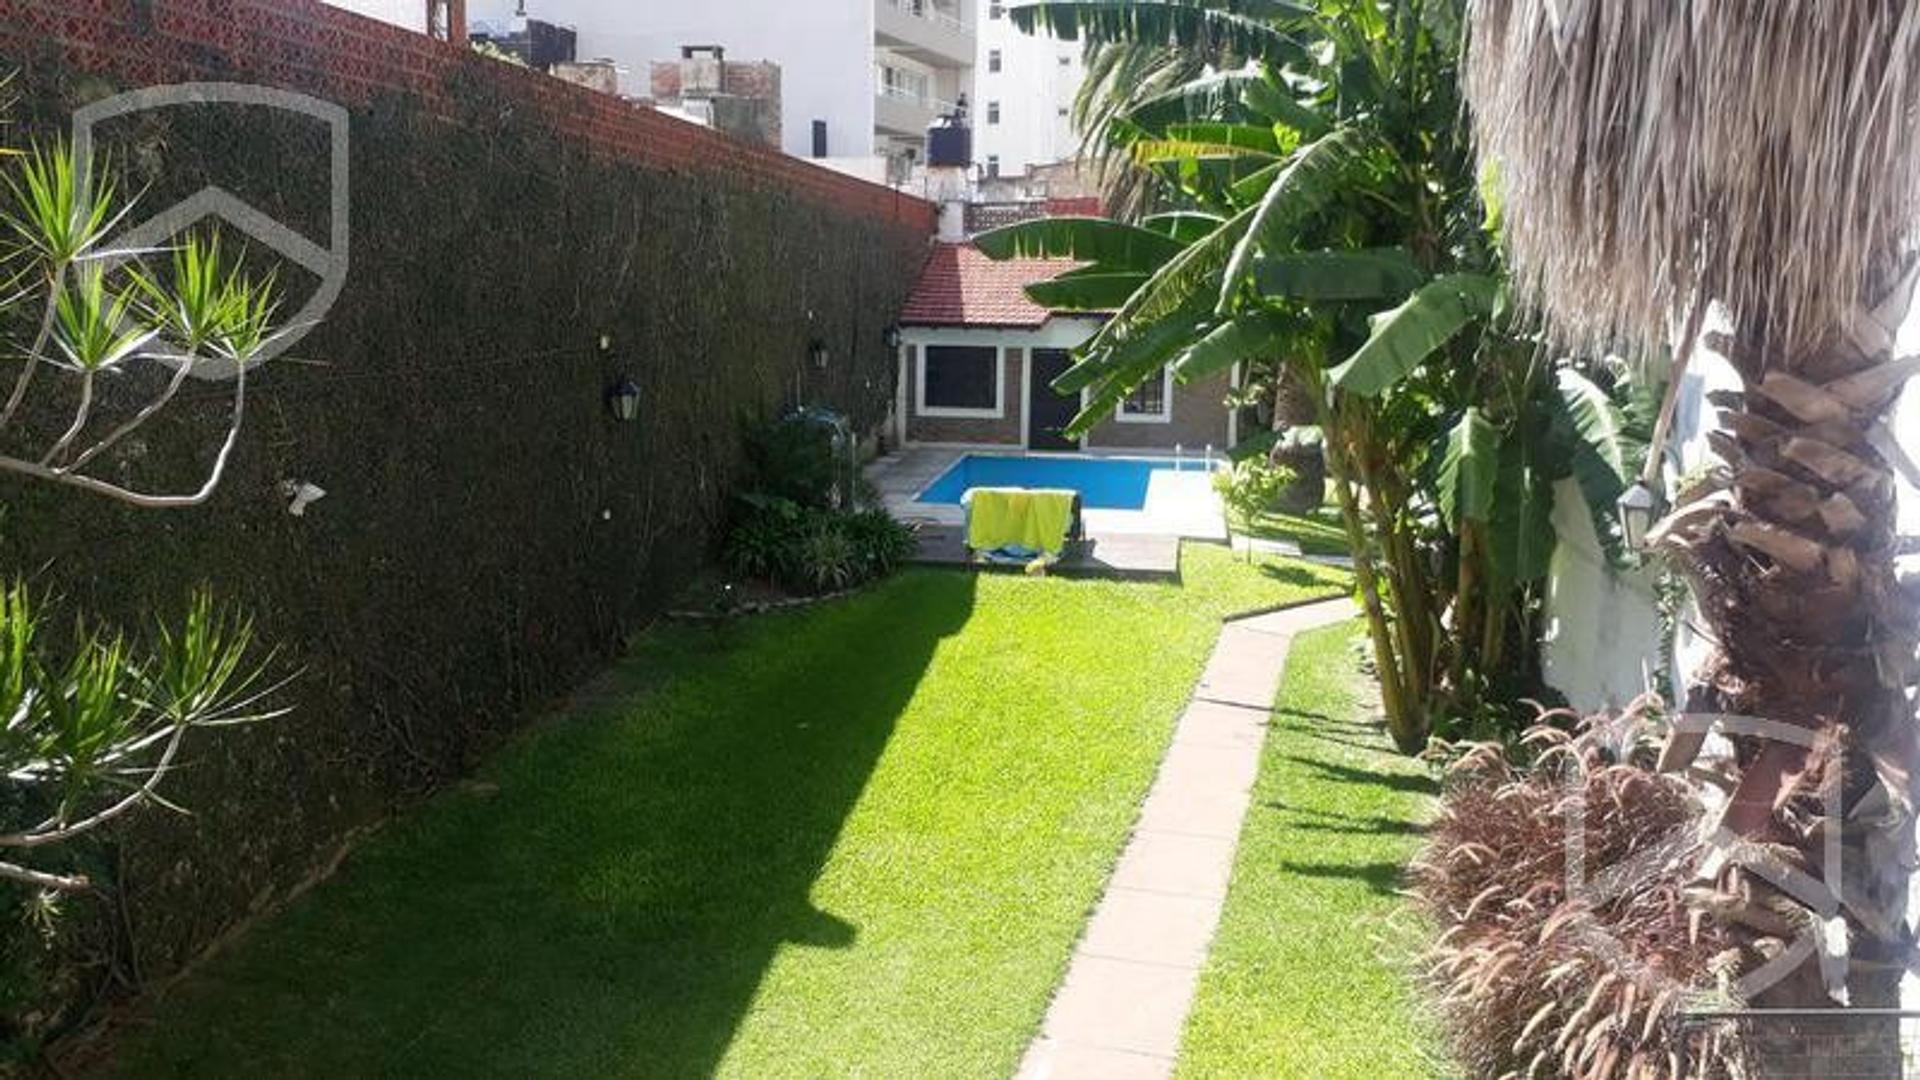 Casa en Alquiler en Luis Agote - 7 ambientes